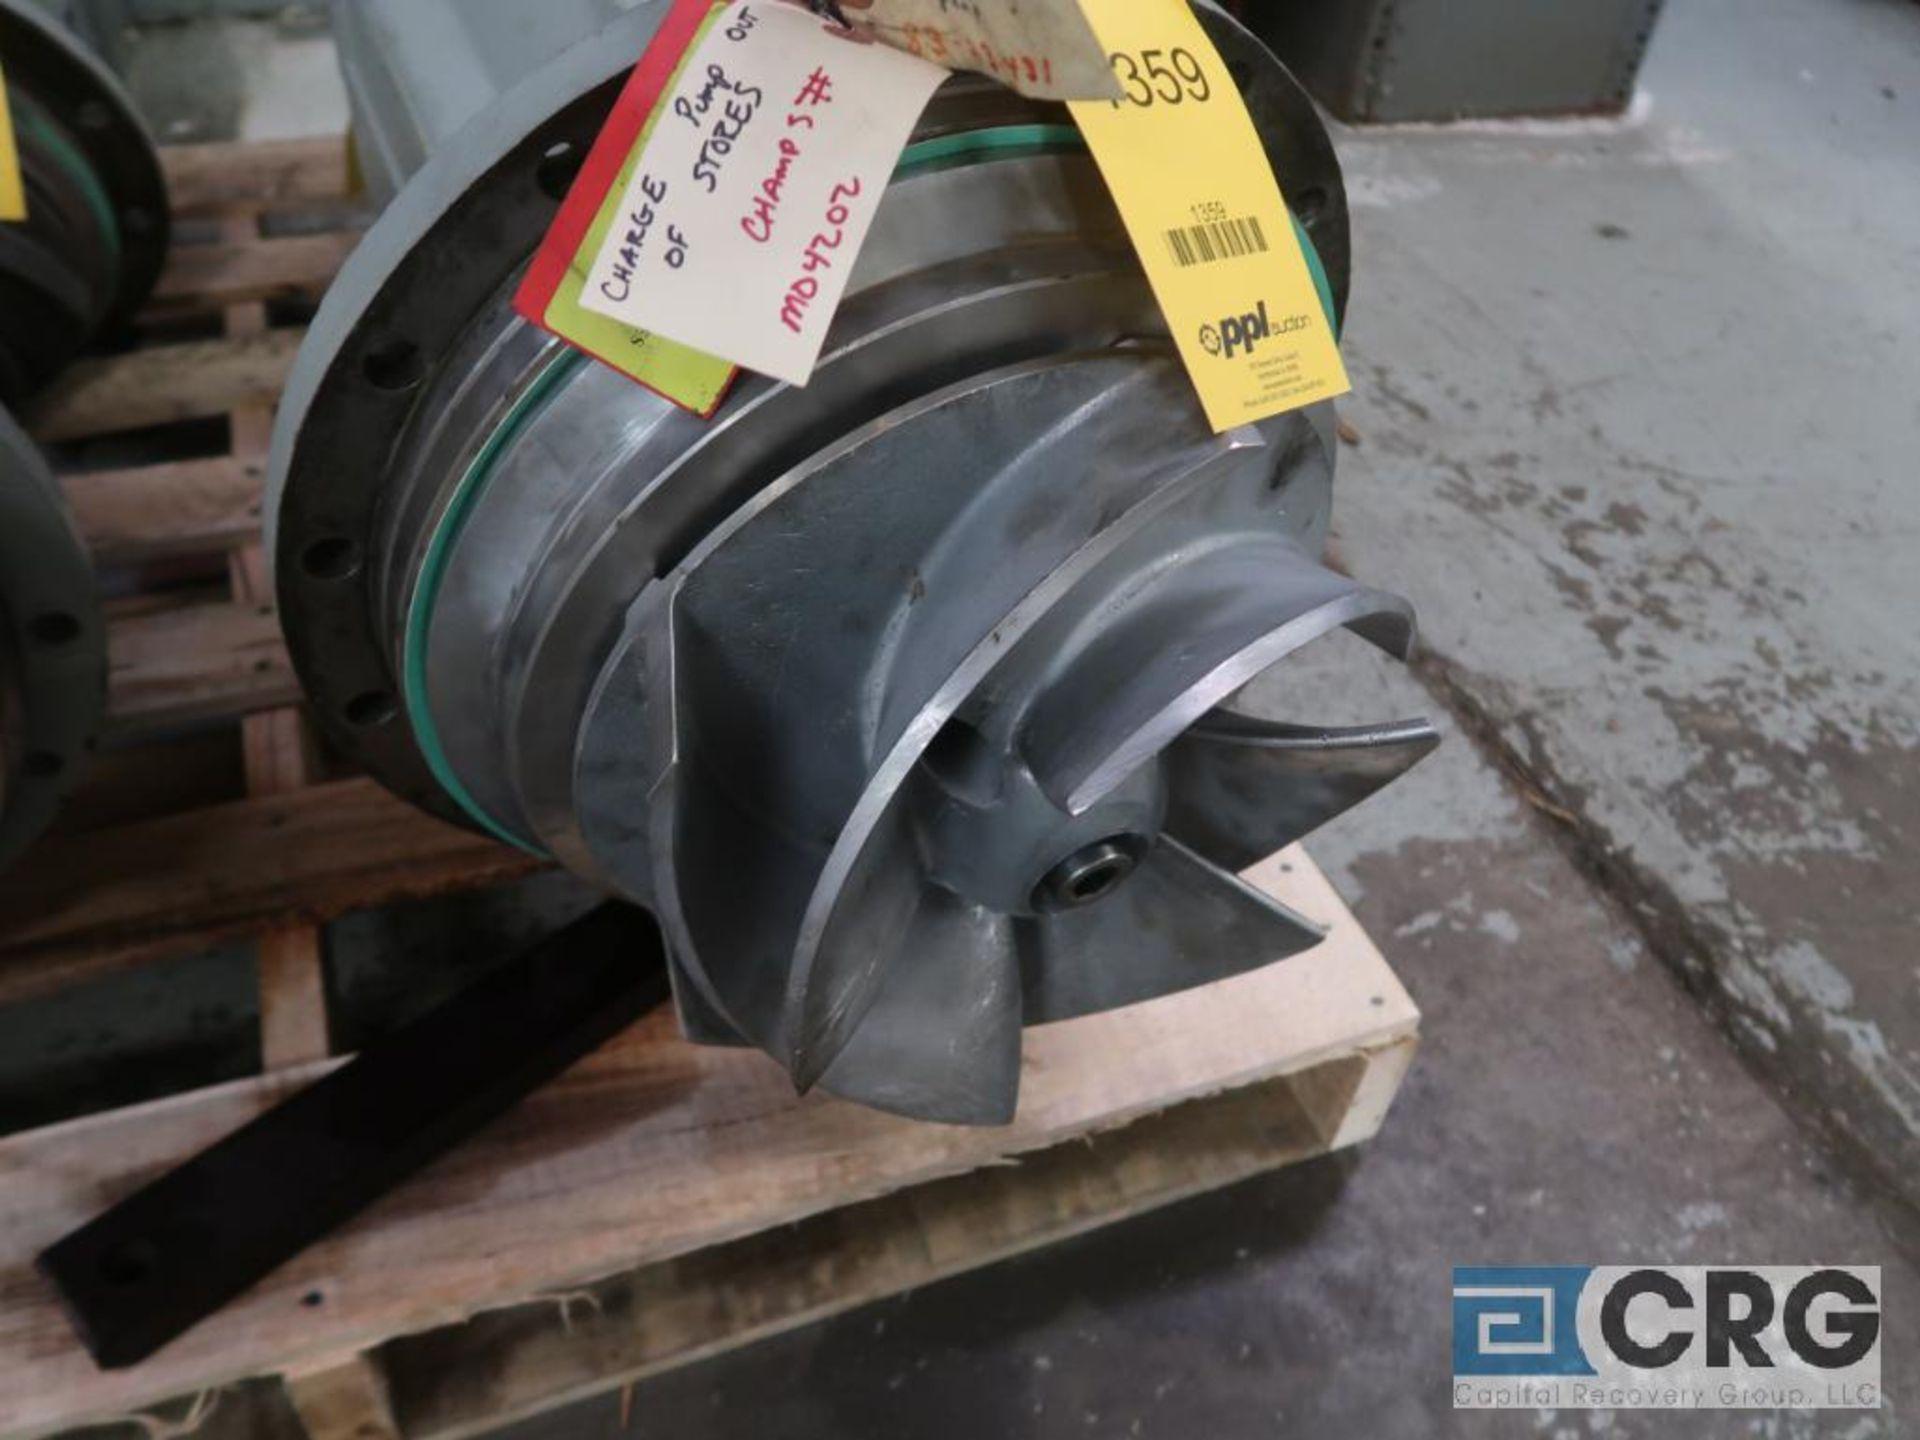 Sulzer APT L334 process pump, 6 x 4 x 14 (Basement Stores) - Image 2 of 3